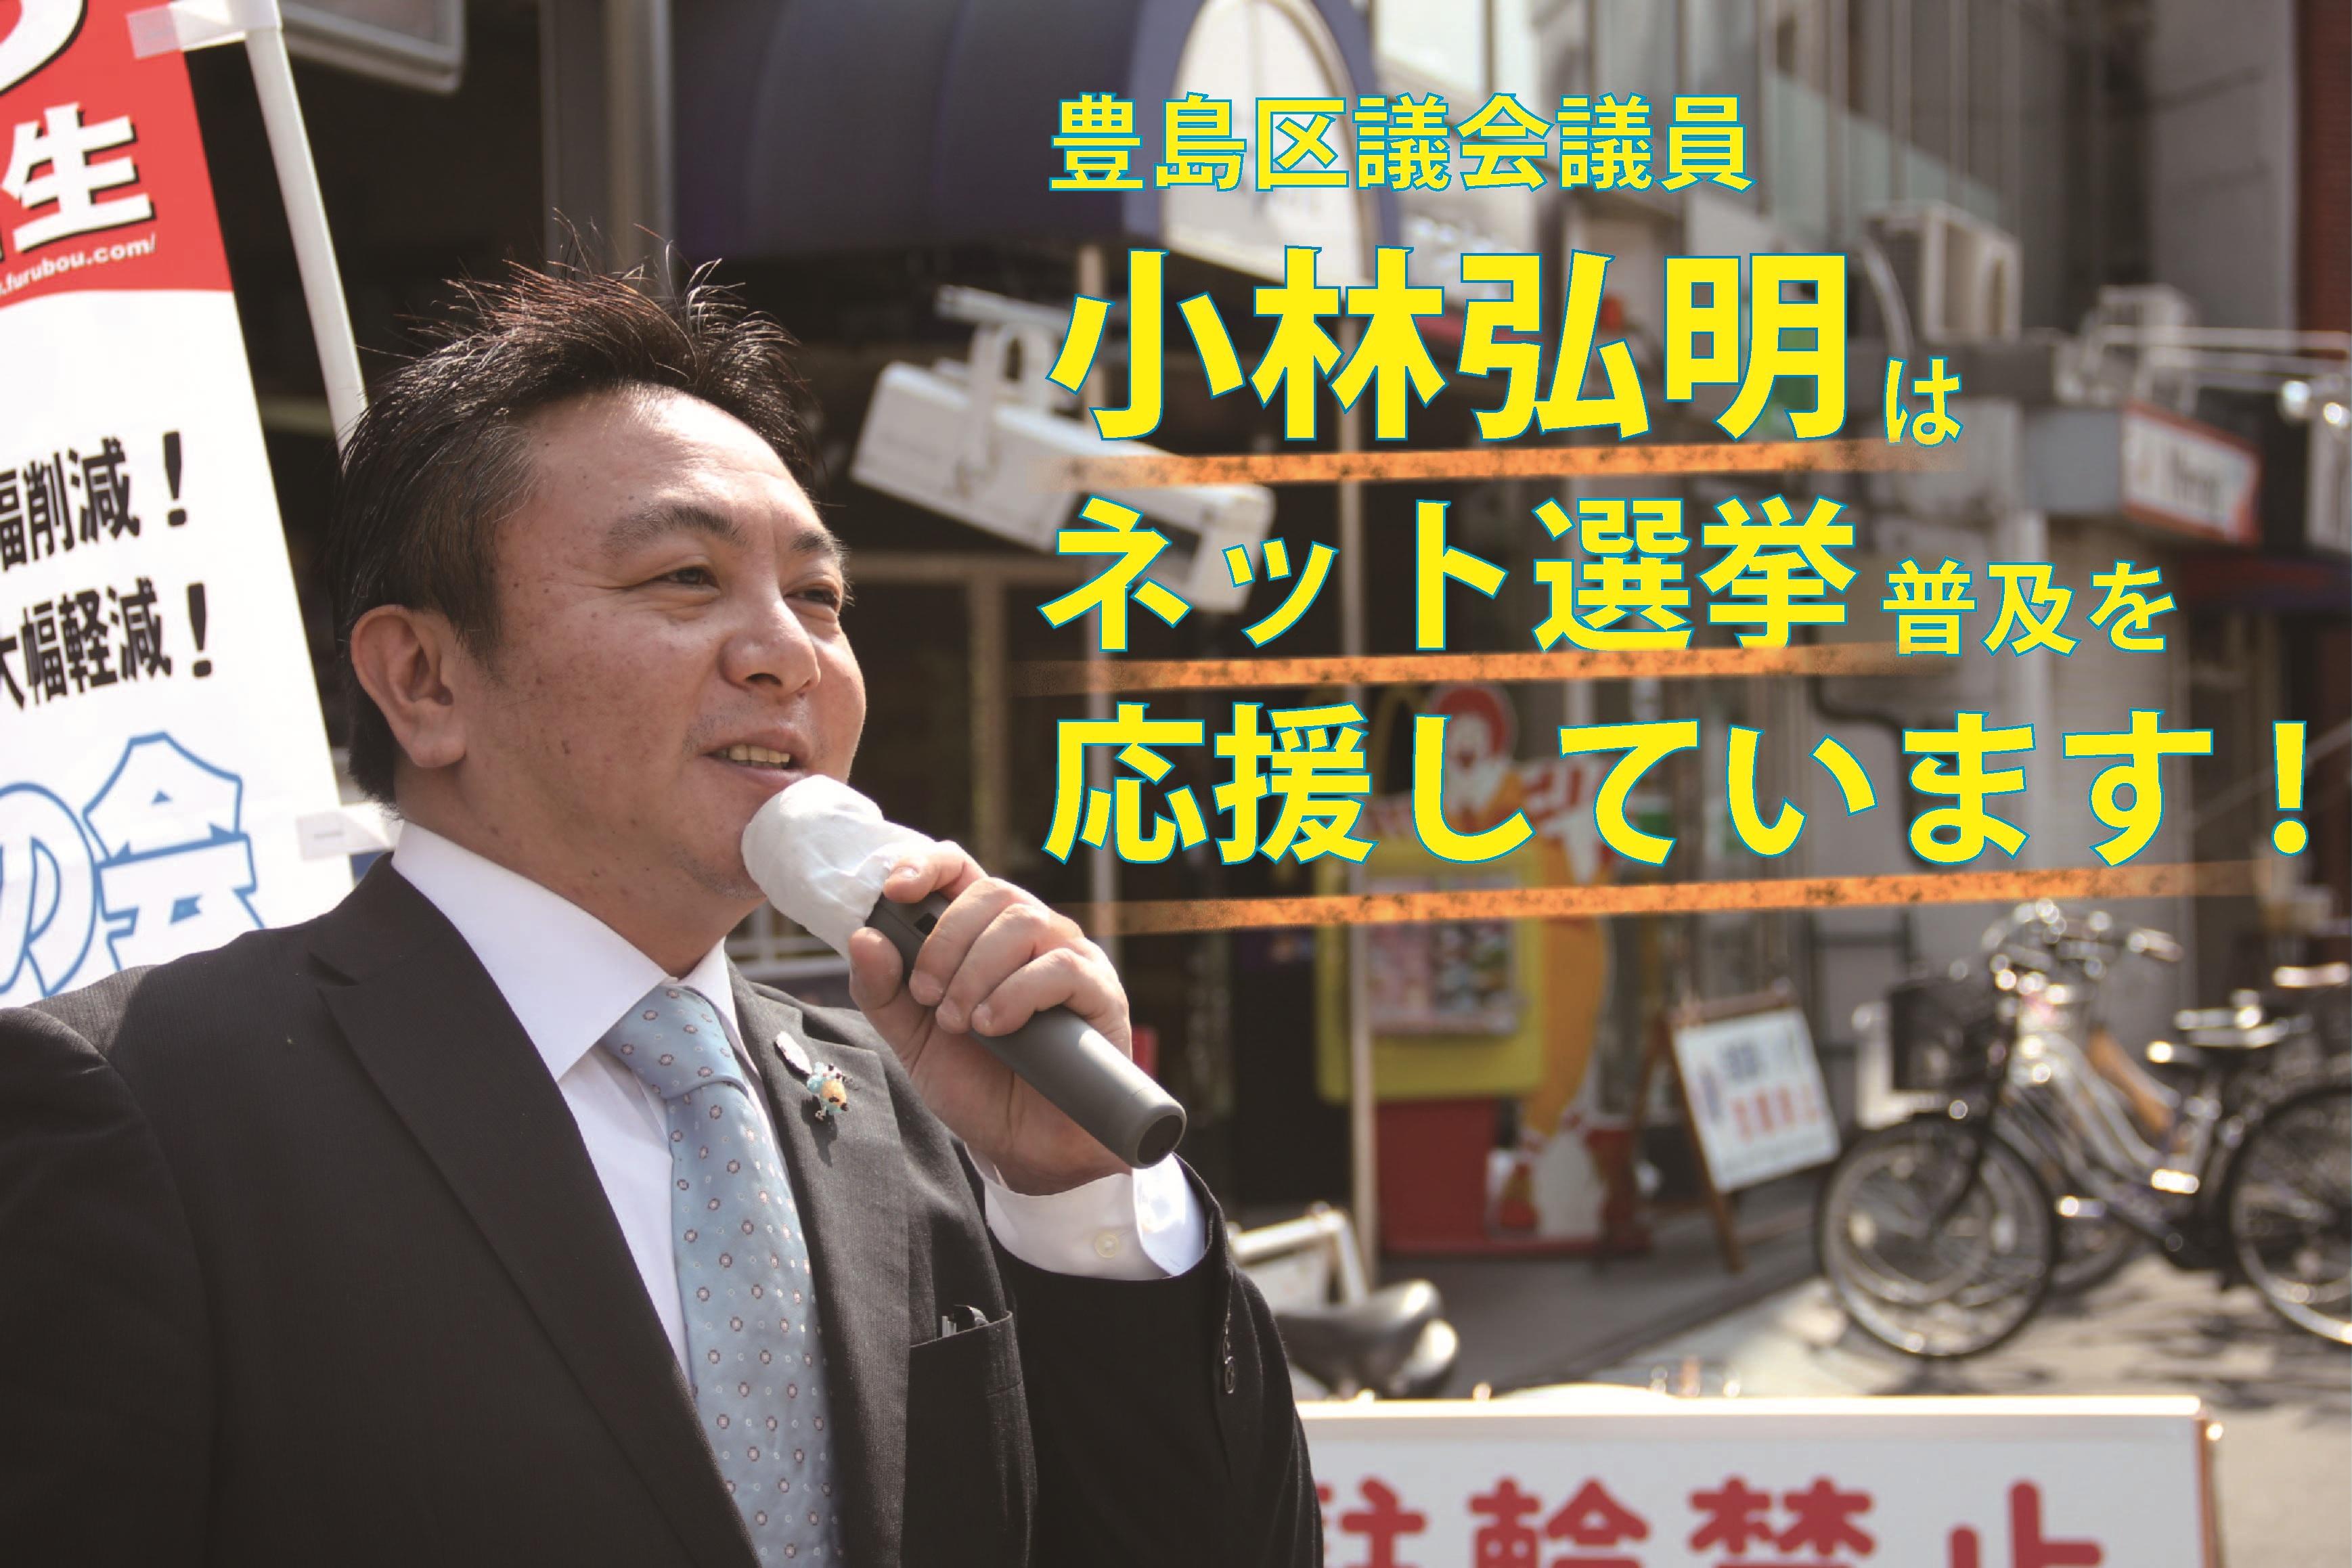 豊島区 議員 ネット選挙